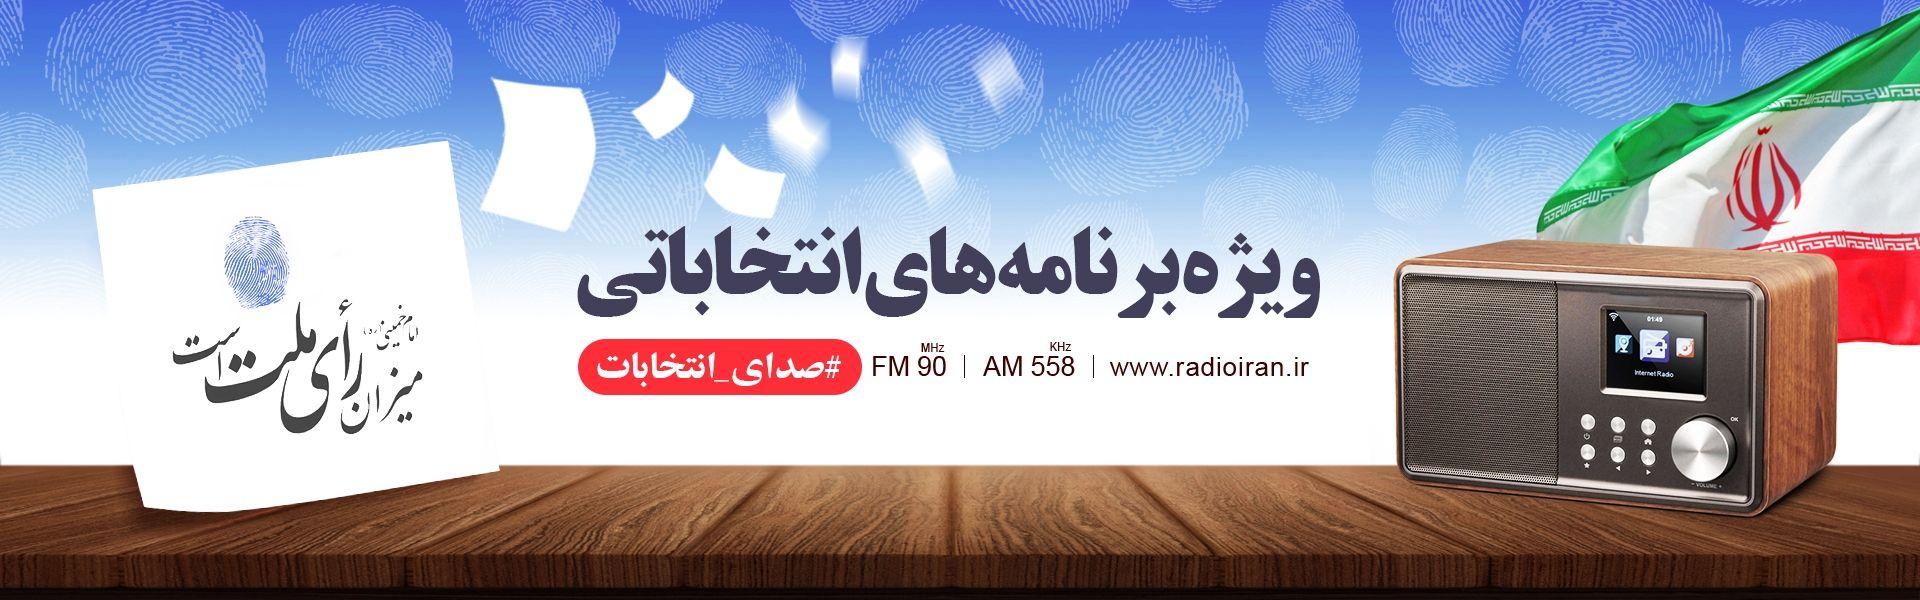 ویژه برنامه های انتخاباتی رادیو ایران